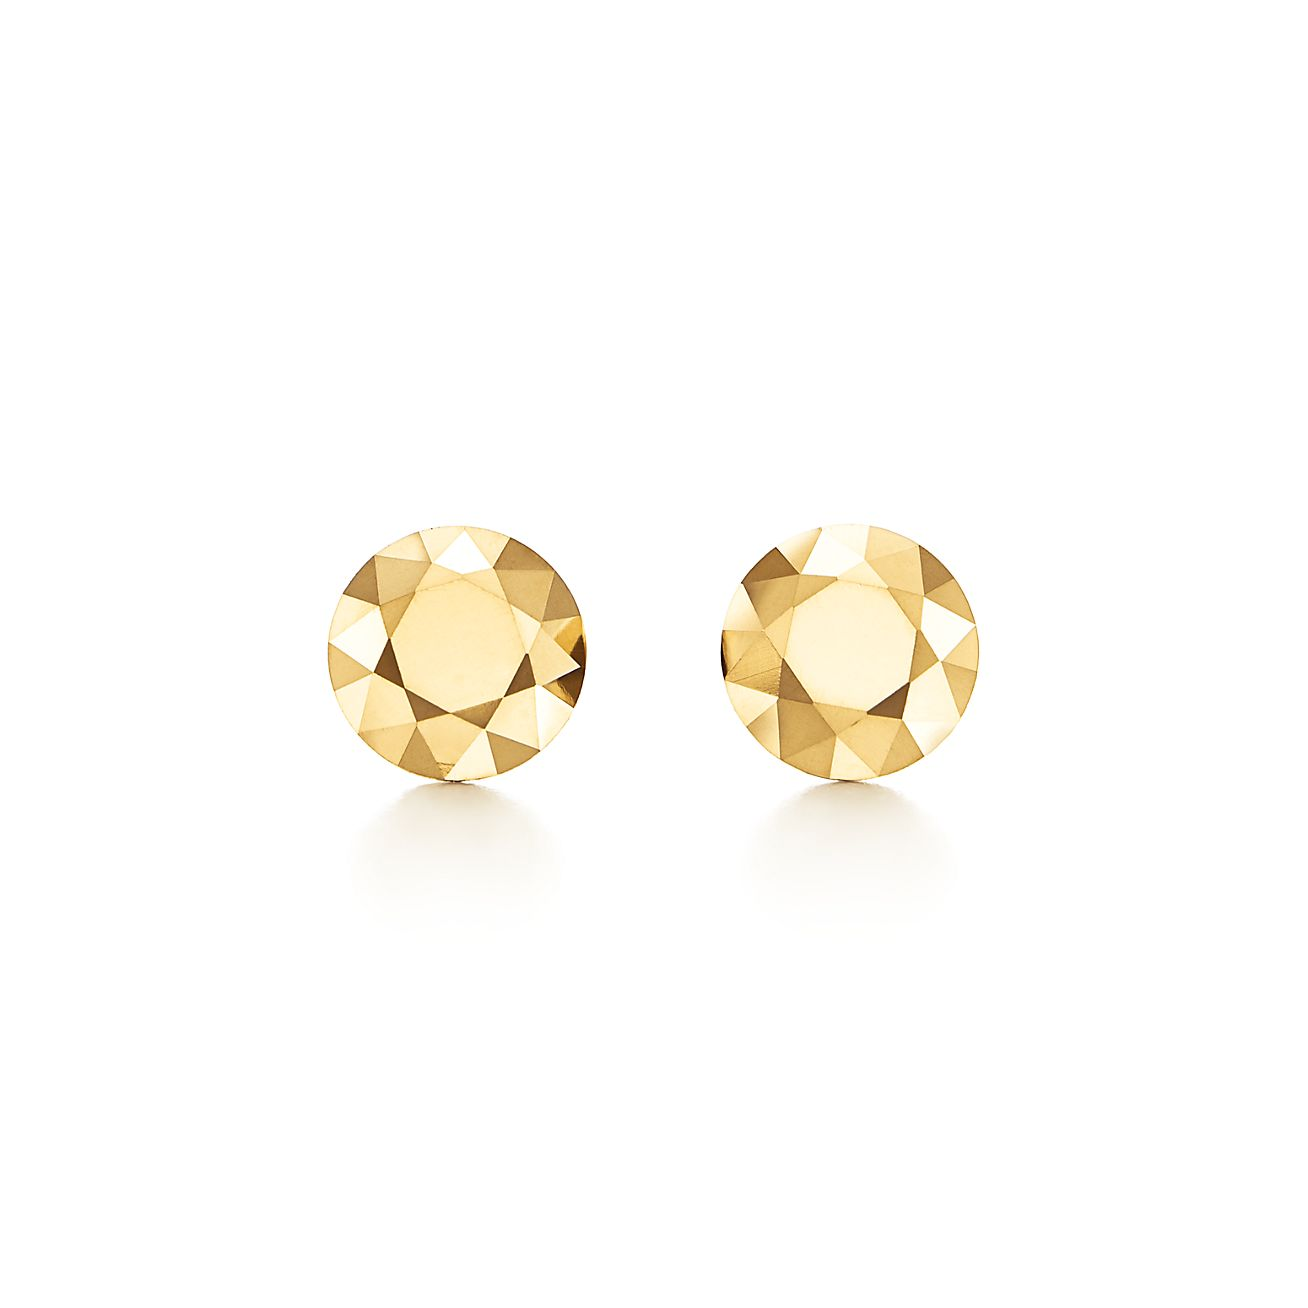 Elsa Peretti One Carat Earrings